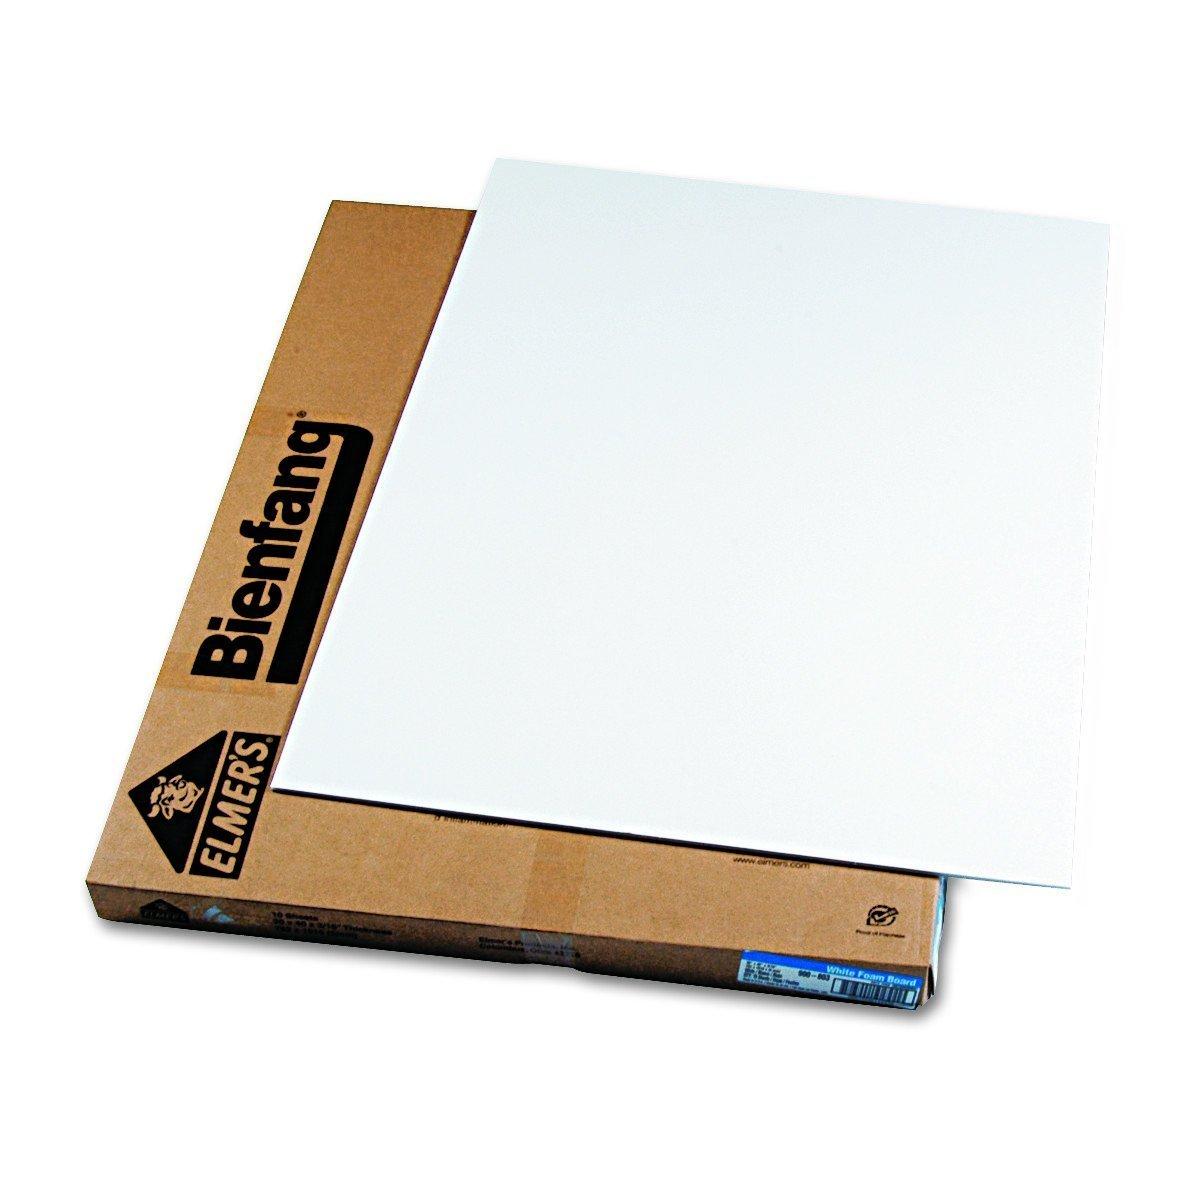 Elmer's 900803 Foam Board, White Surface with White Core, 30 x40, 10 Boards/Carton